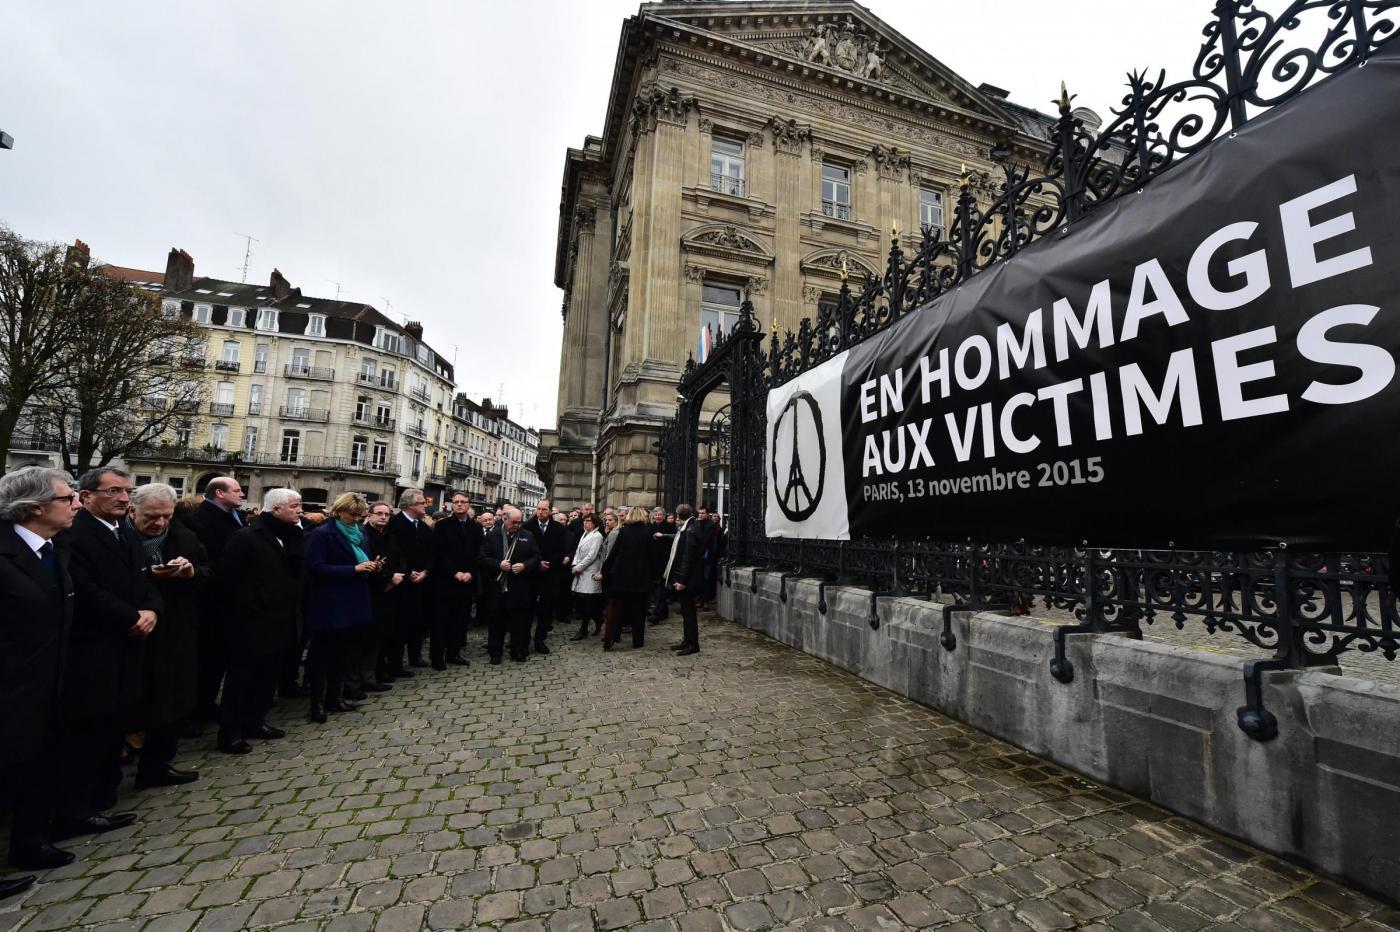 Attacco terroristico a Parigi, a mezzogiorno tutta la Francia si é fermata per un minuto di silenzio